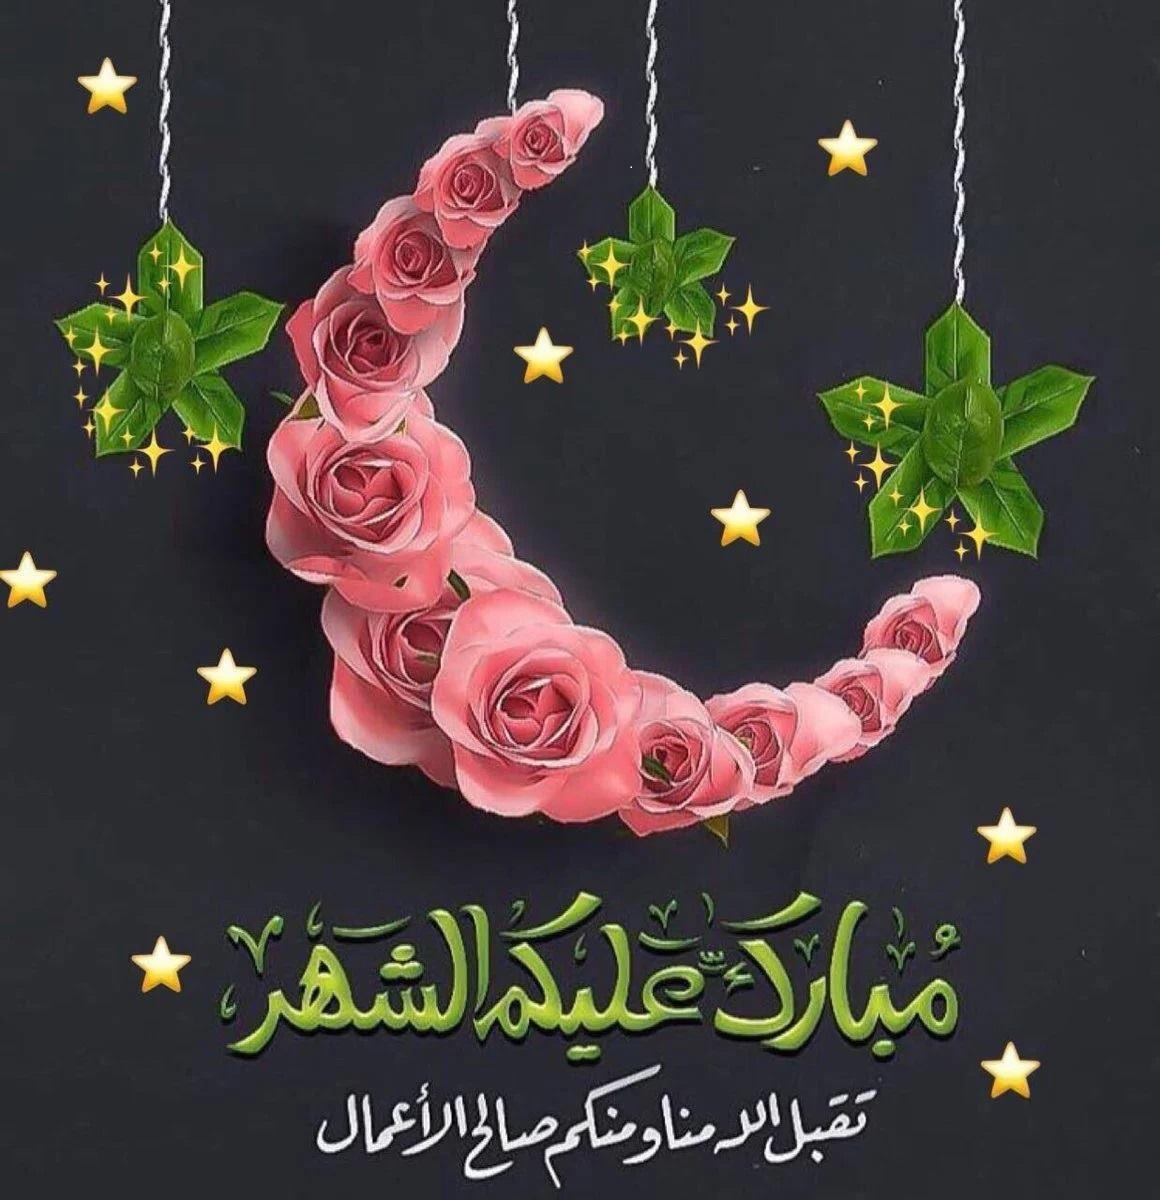 تهنئة رمضان 2021 صور ورسائل تبريكات شهر رمضان